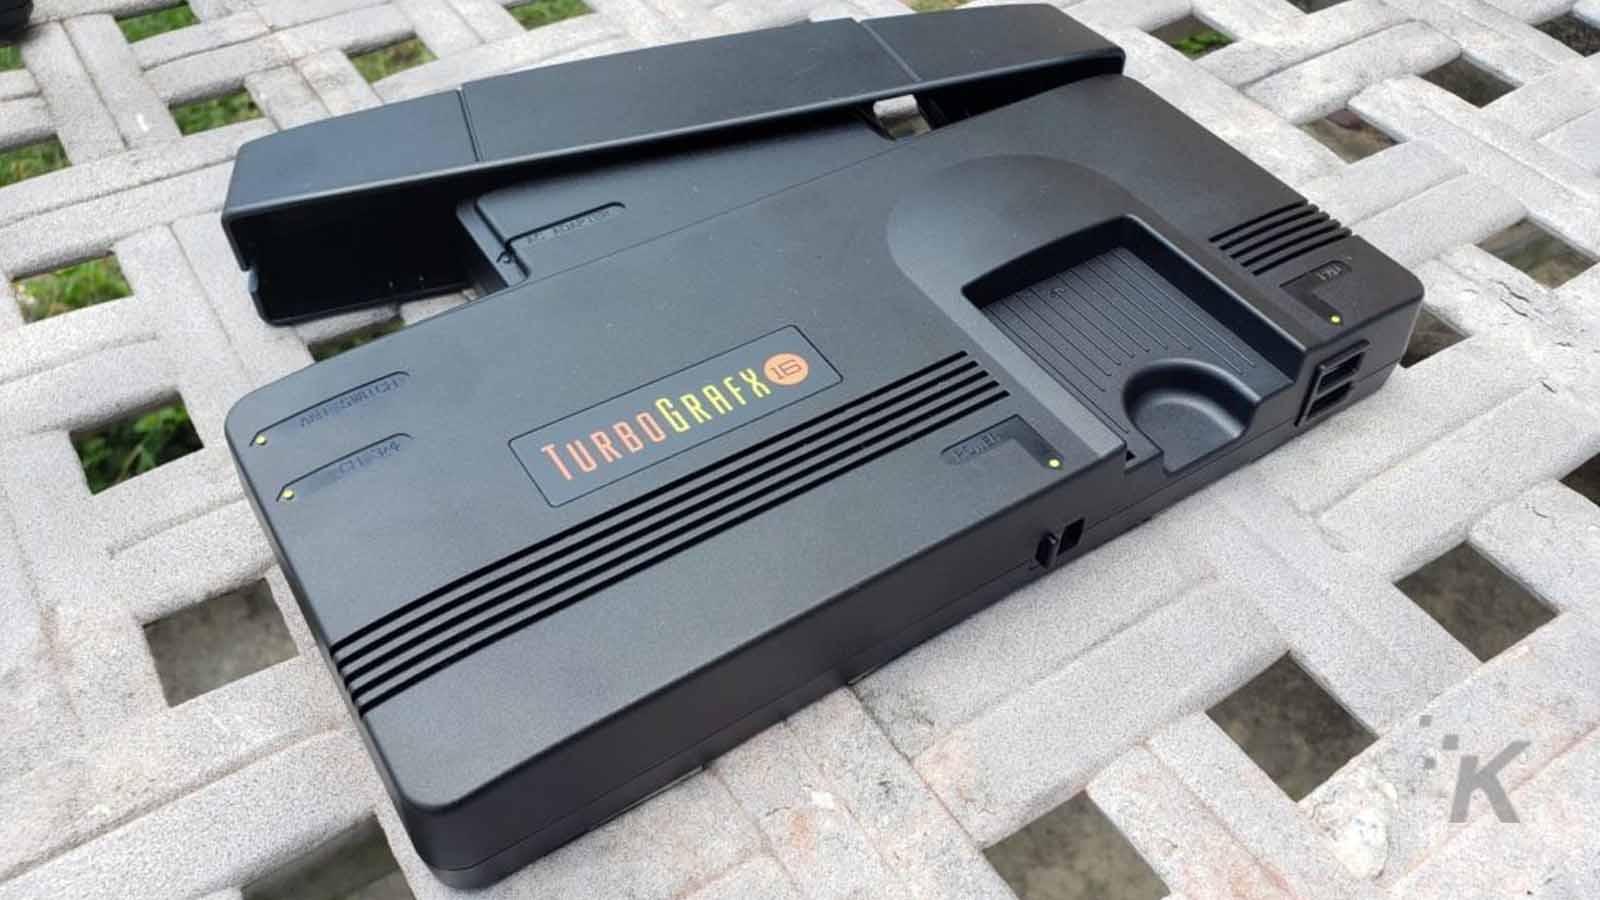 turbografx-16 mini on table